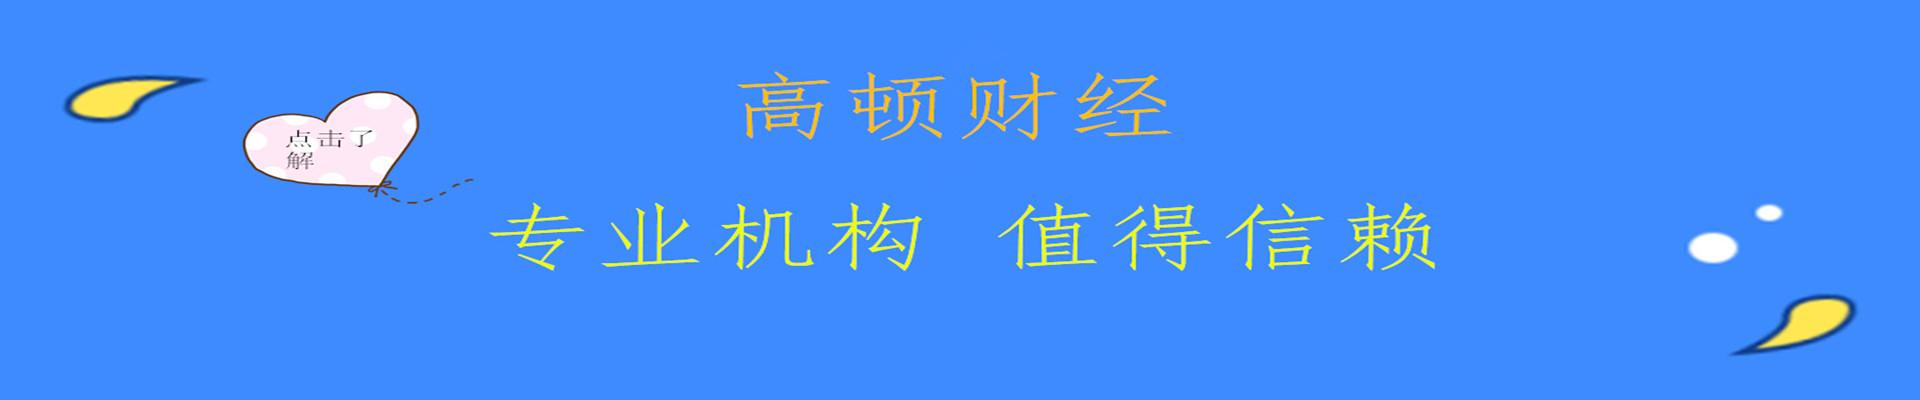 上海浦东区高顿财经教育学校